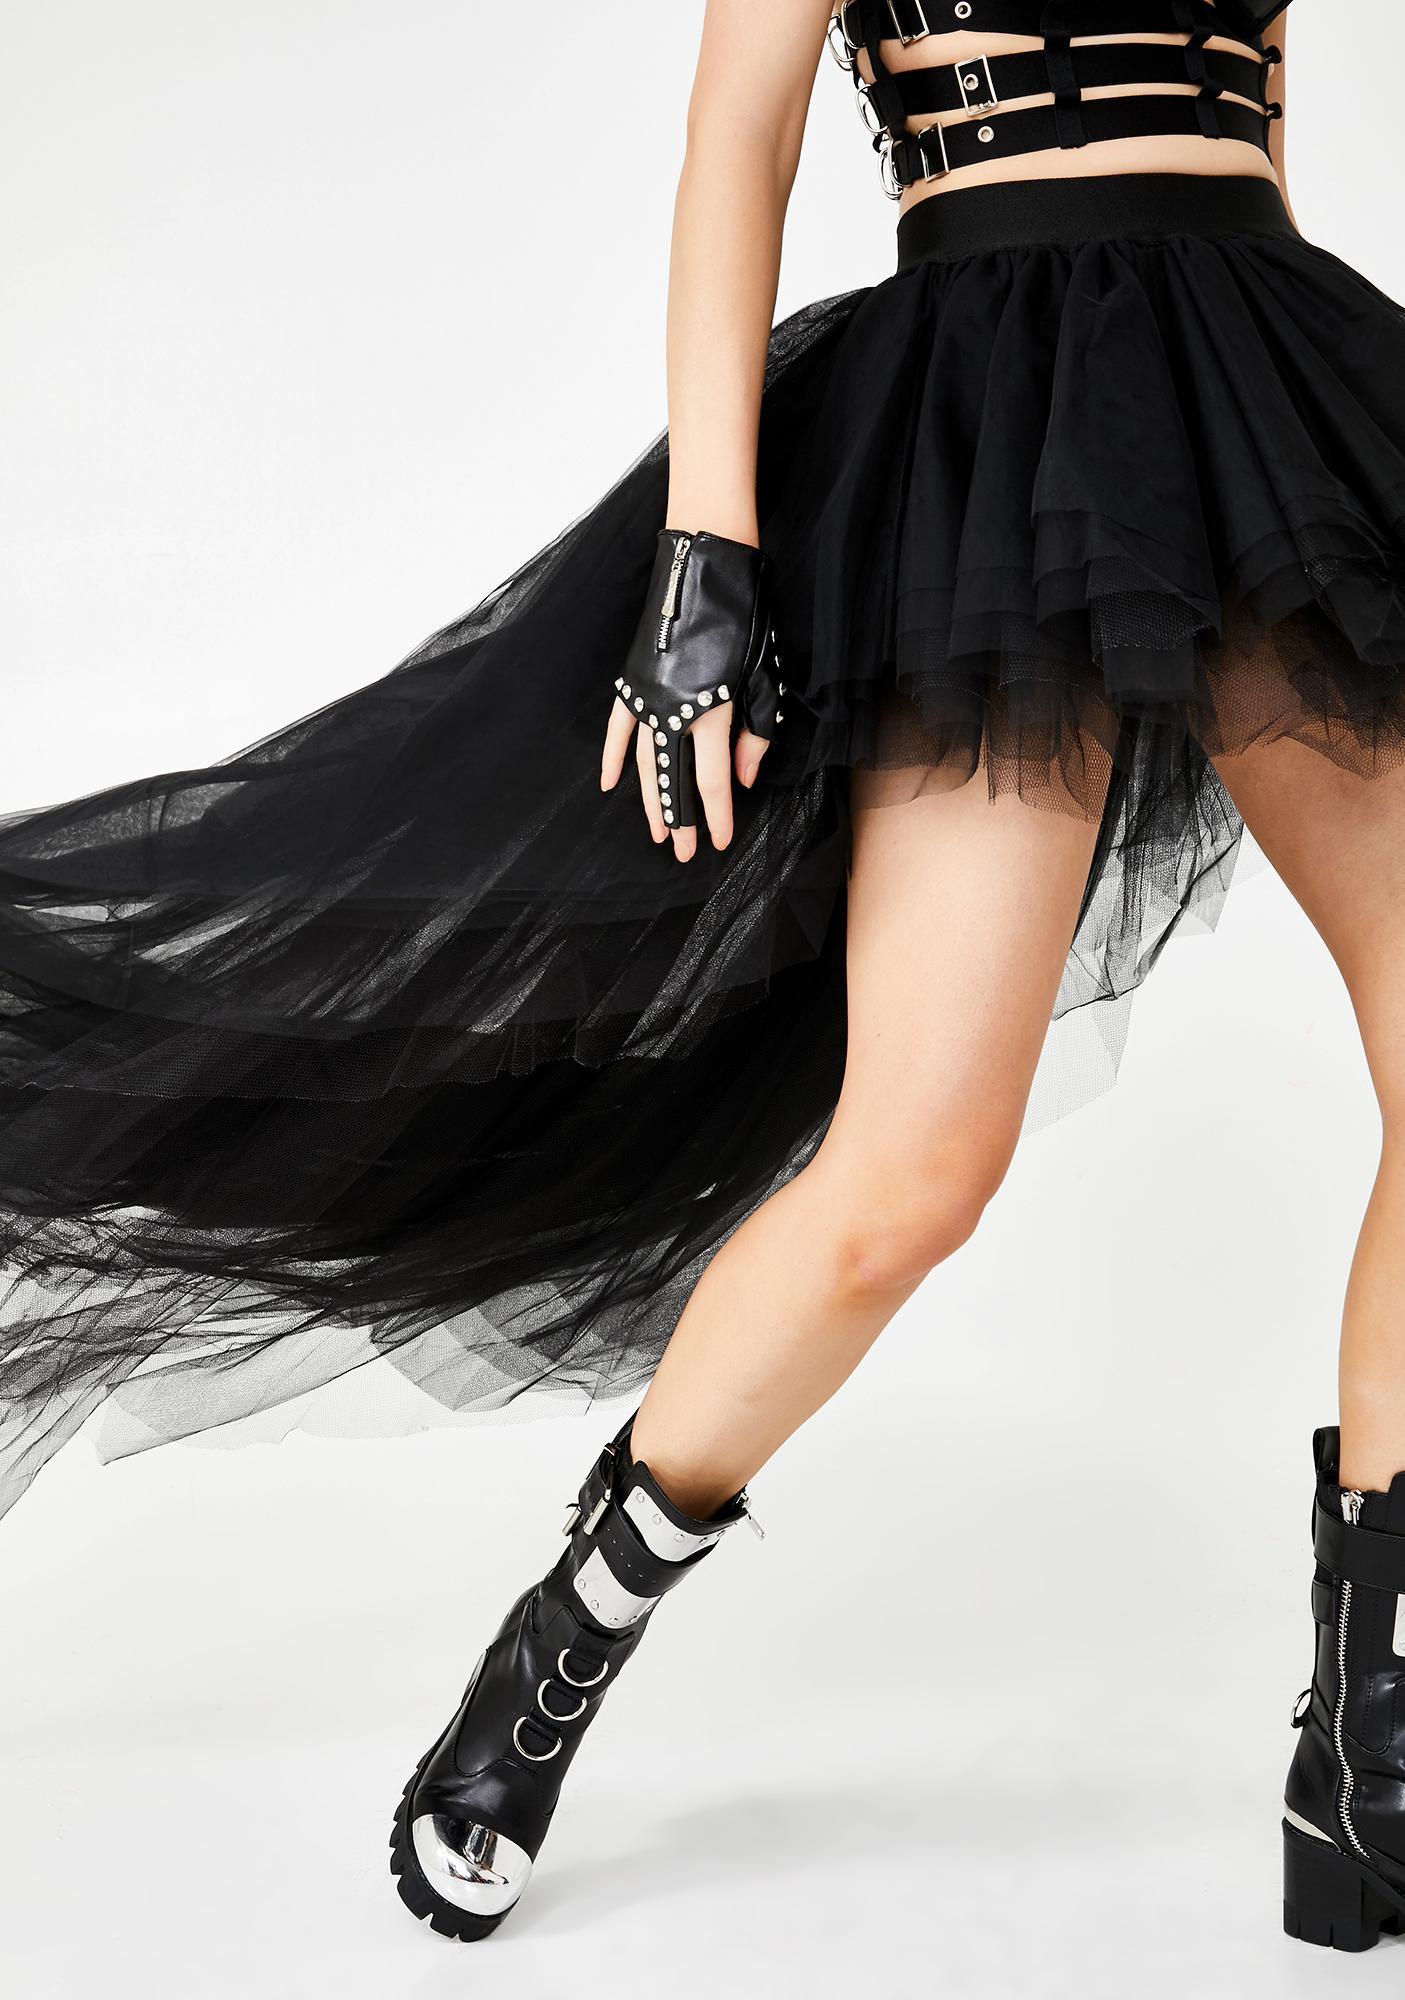 Kiki Riki Titania Trance Tulle Skirt